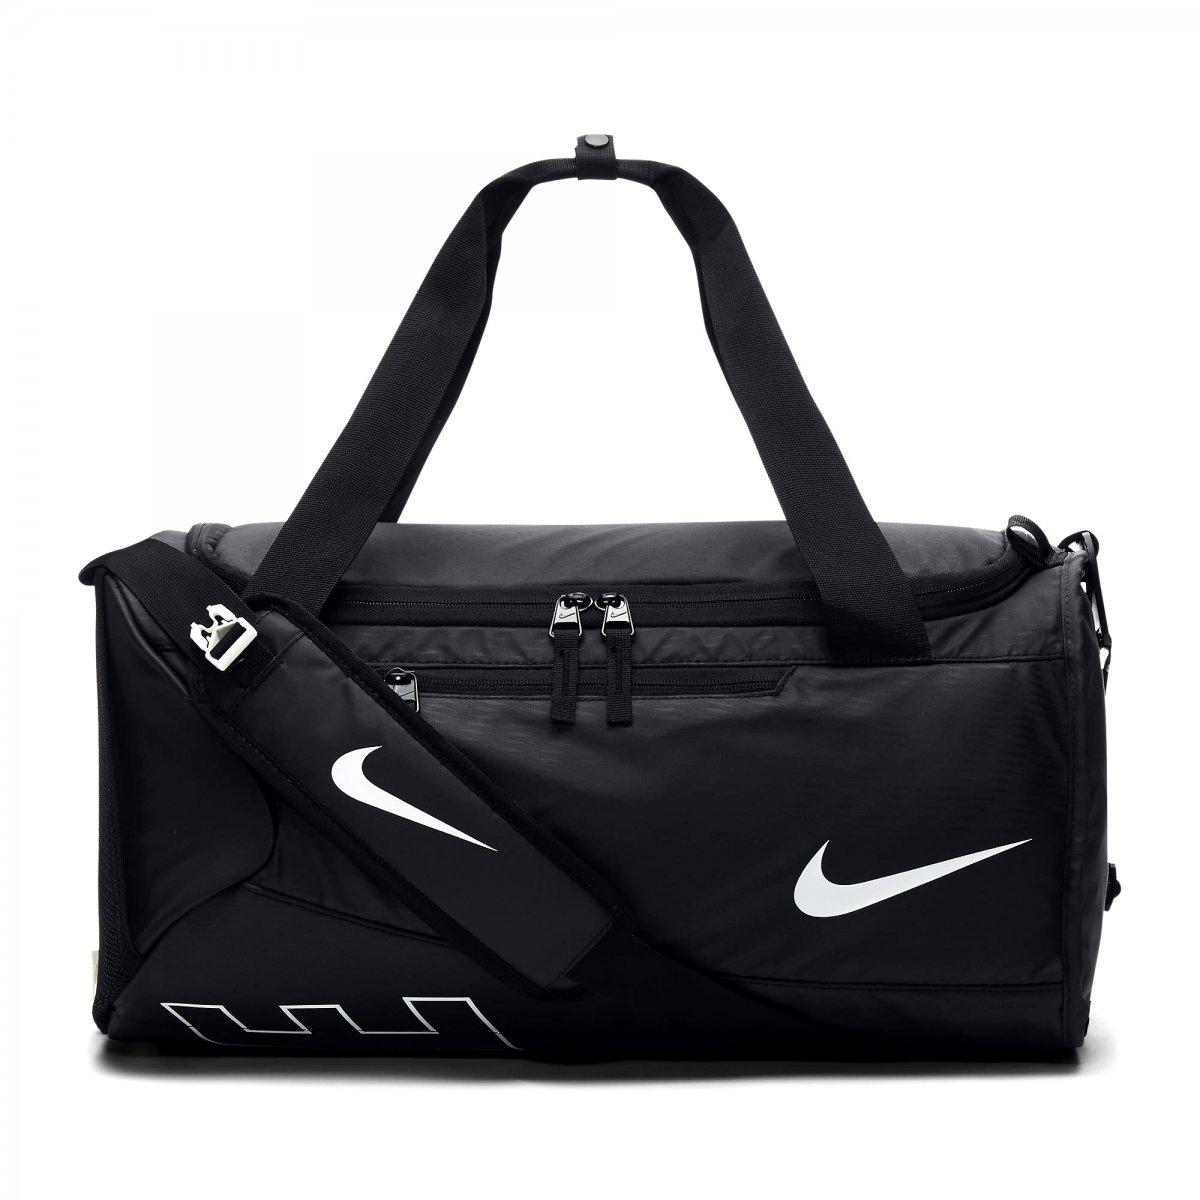 979c40256 Amplie a imagem. Bolsa Esportiva Juvenil Nike Alpha Adapt Duffel; Bolsa  Esportiva Juvenil Nike Alpha ...